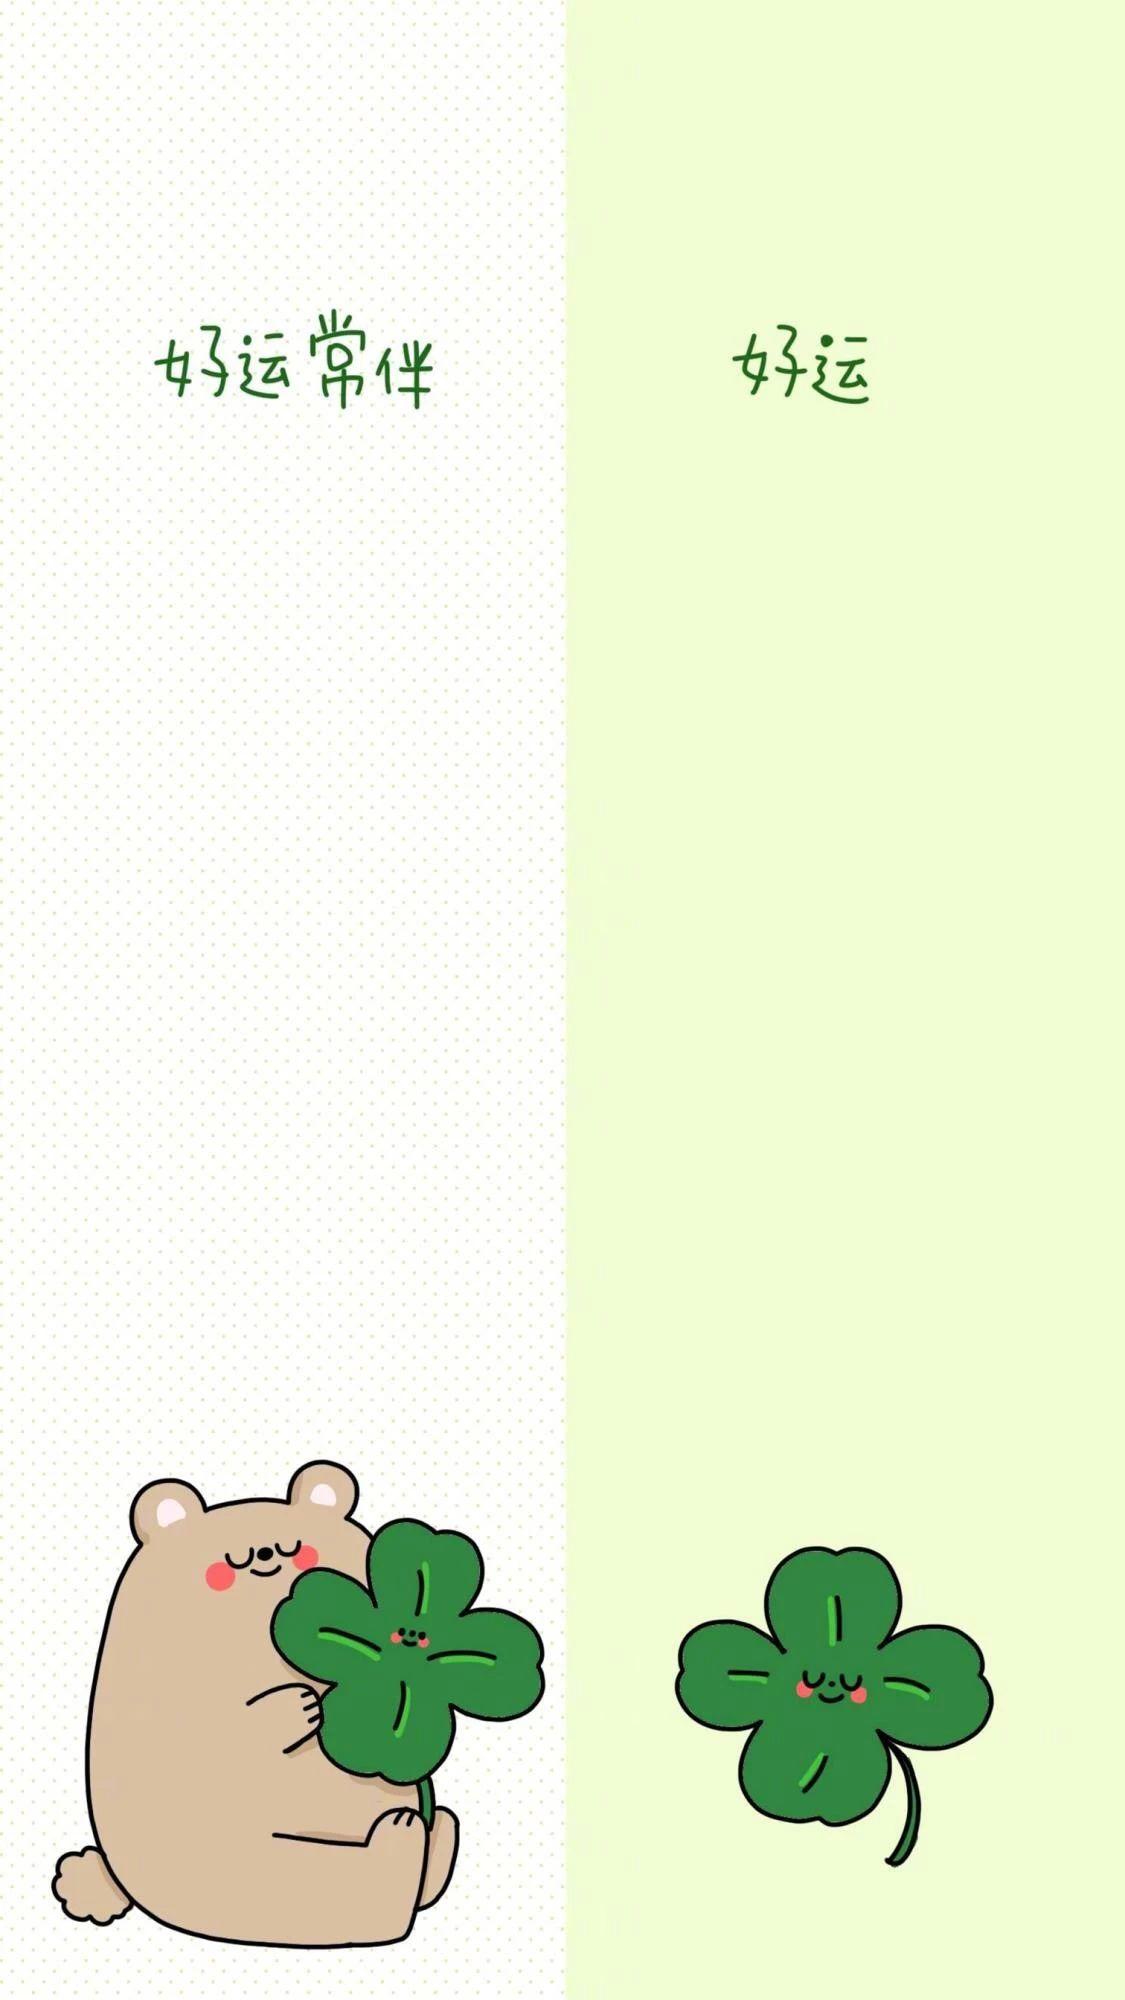 QQ微信聊天背景图:发财和发朋友圈,你总要发一个吧!插图33